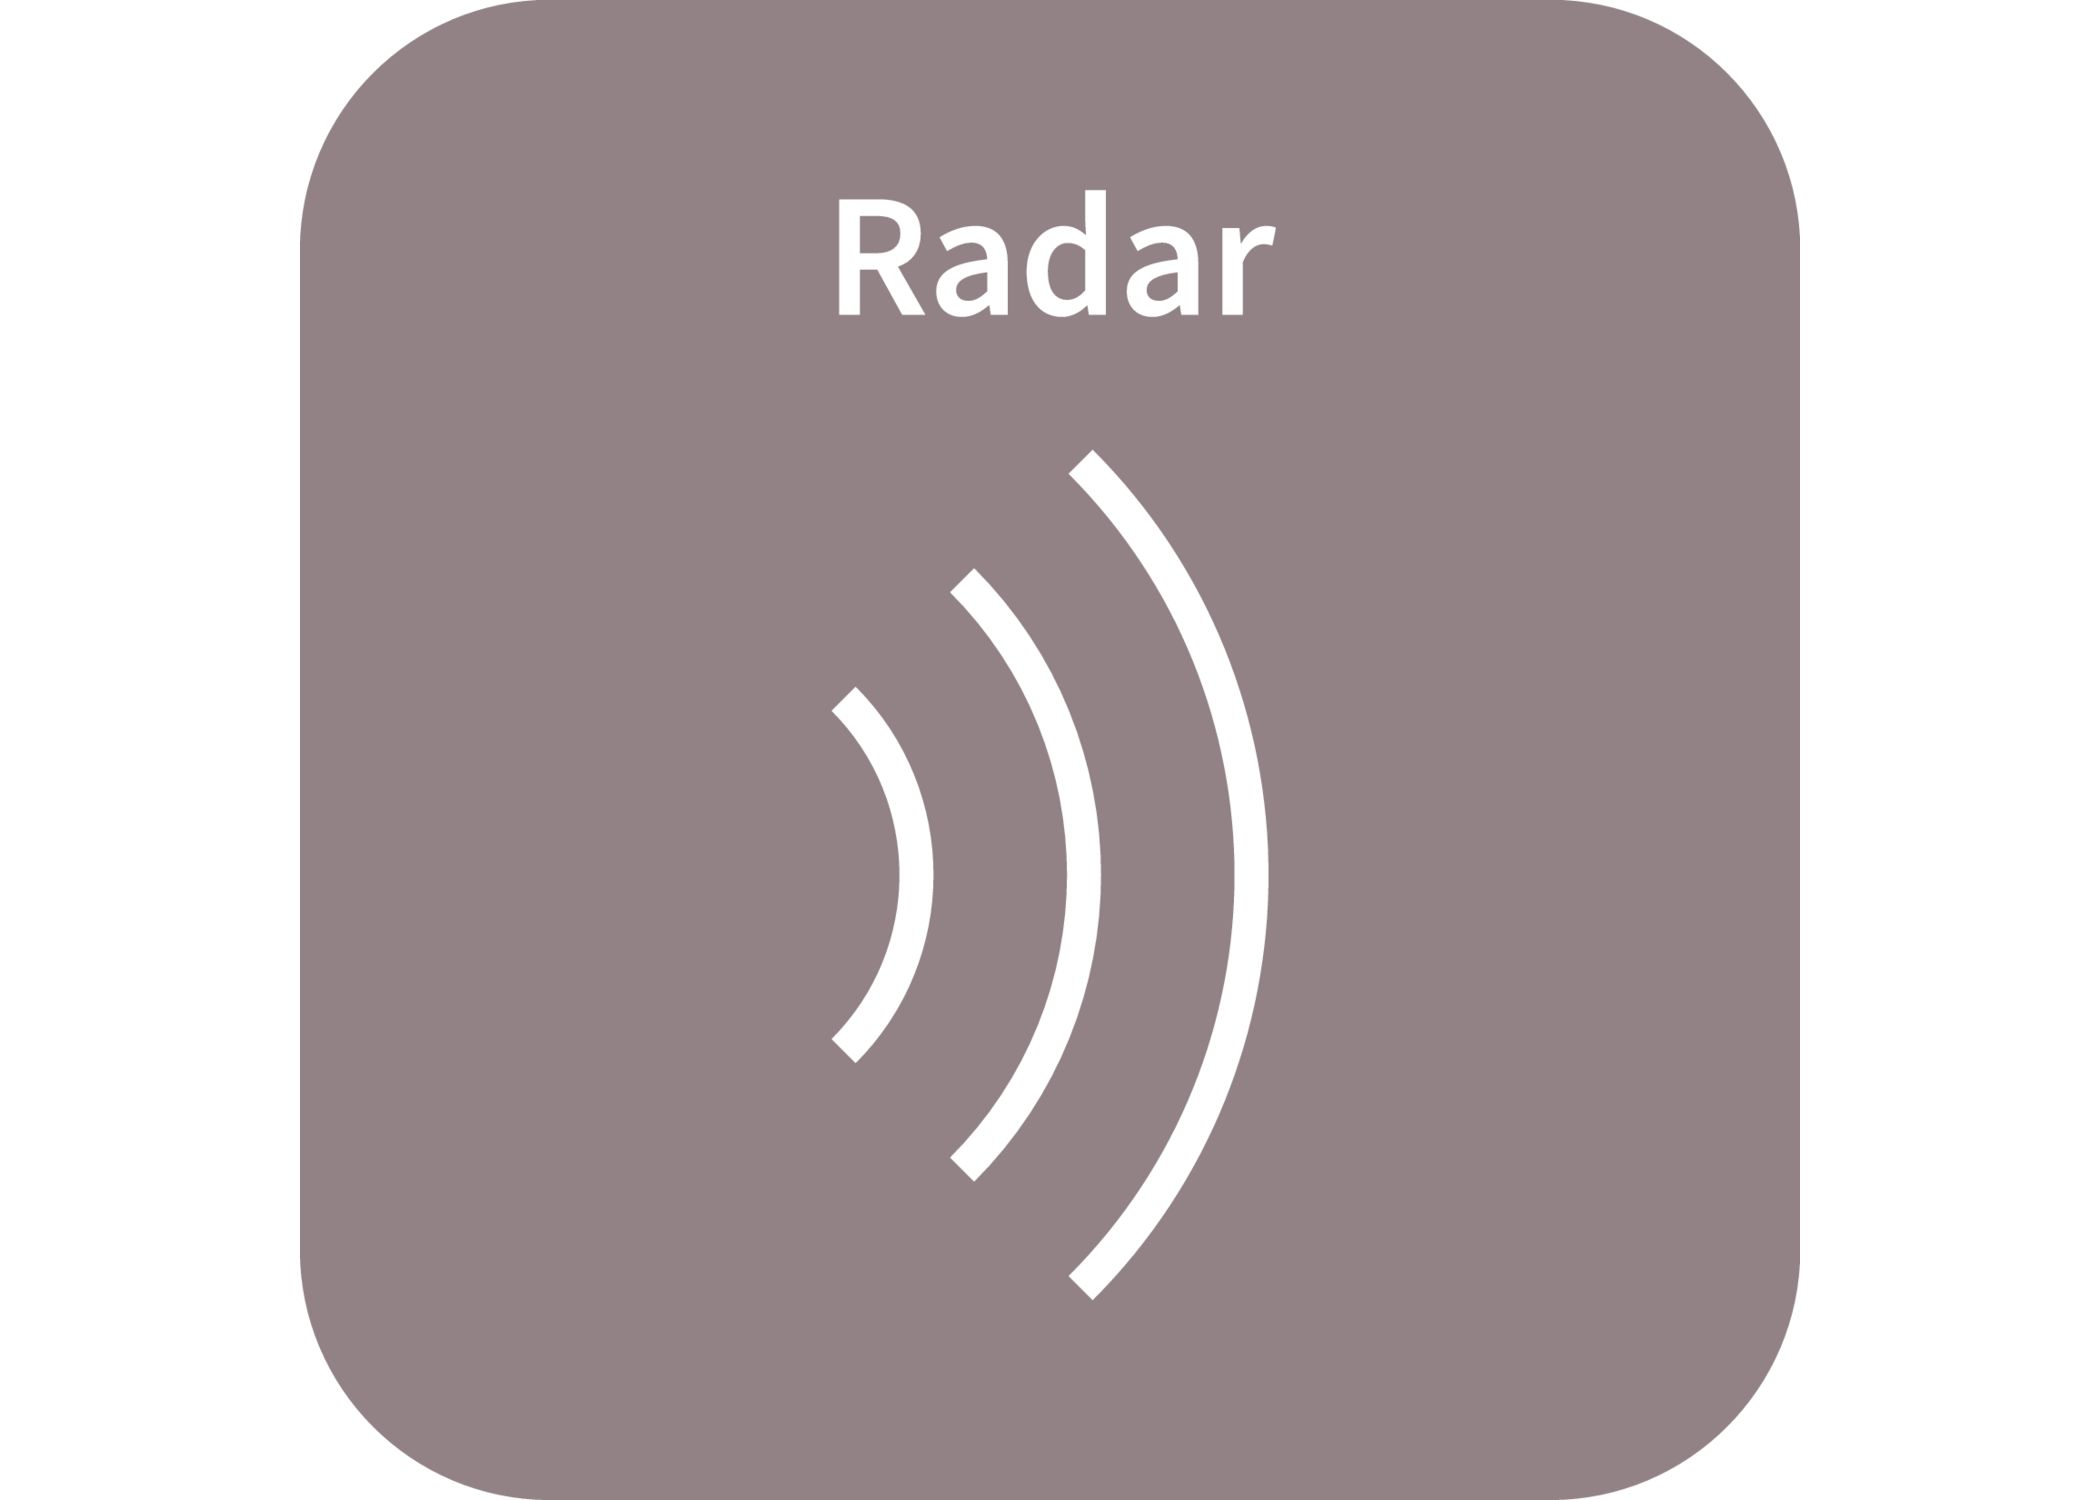 回顧電源管理與射頻應用的年度關鍵詞